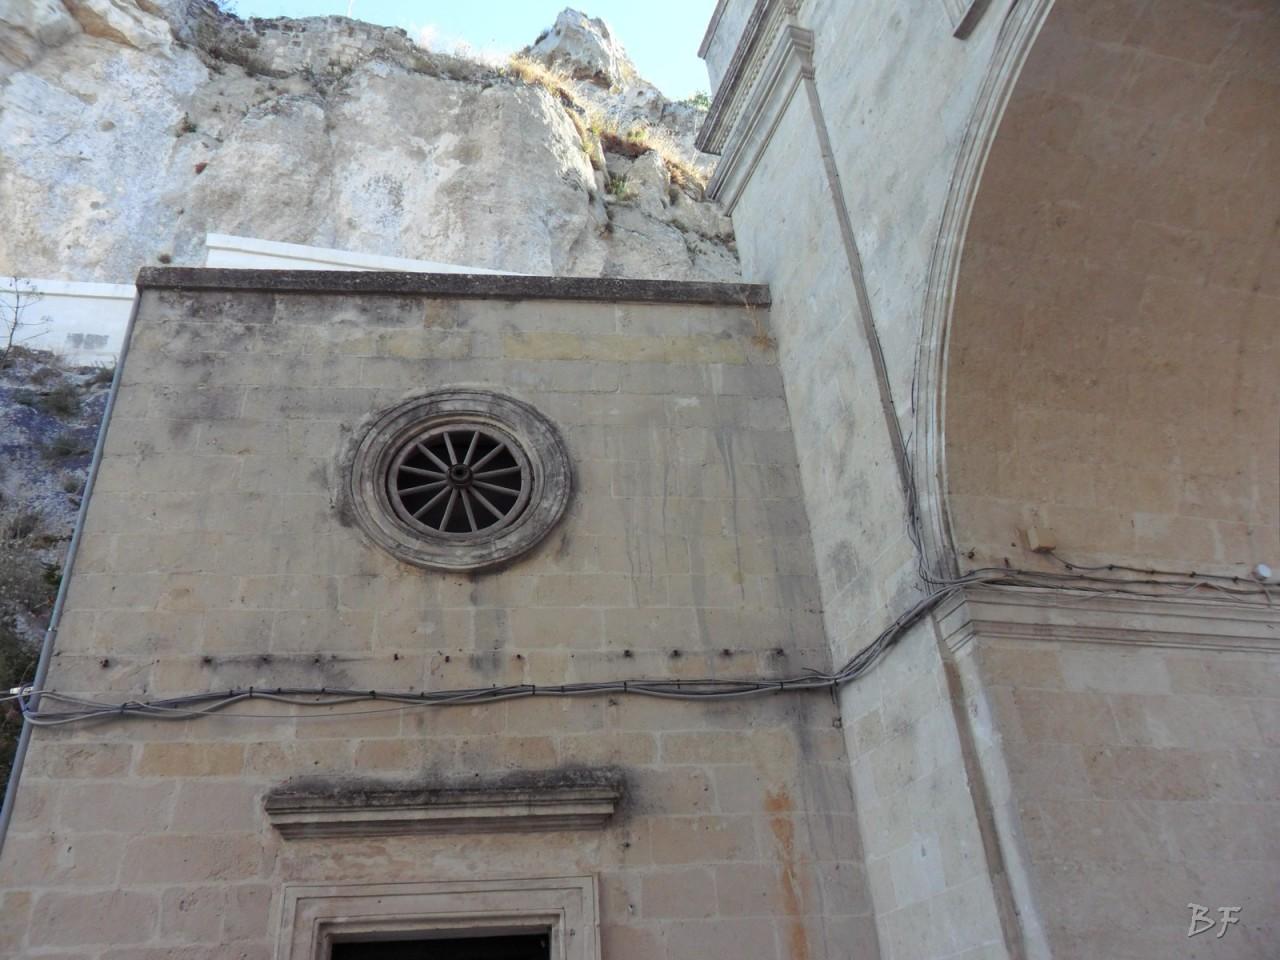 Sasso-Caveoso-Edifici-Rupestri-Megaliti-Sassi-di-Matera-basilicata-Italia-9